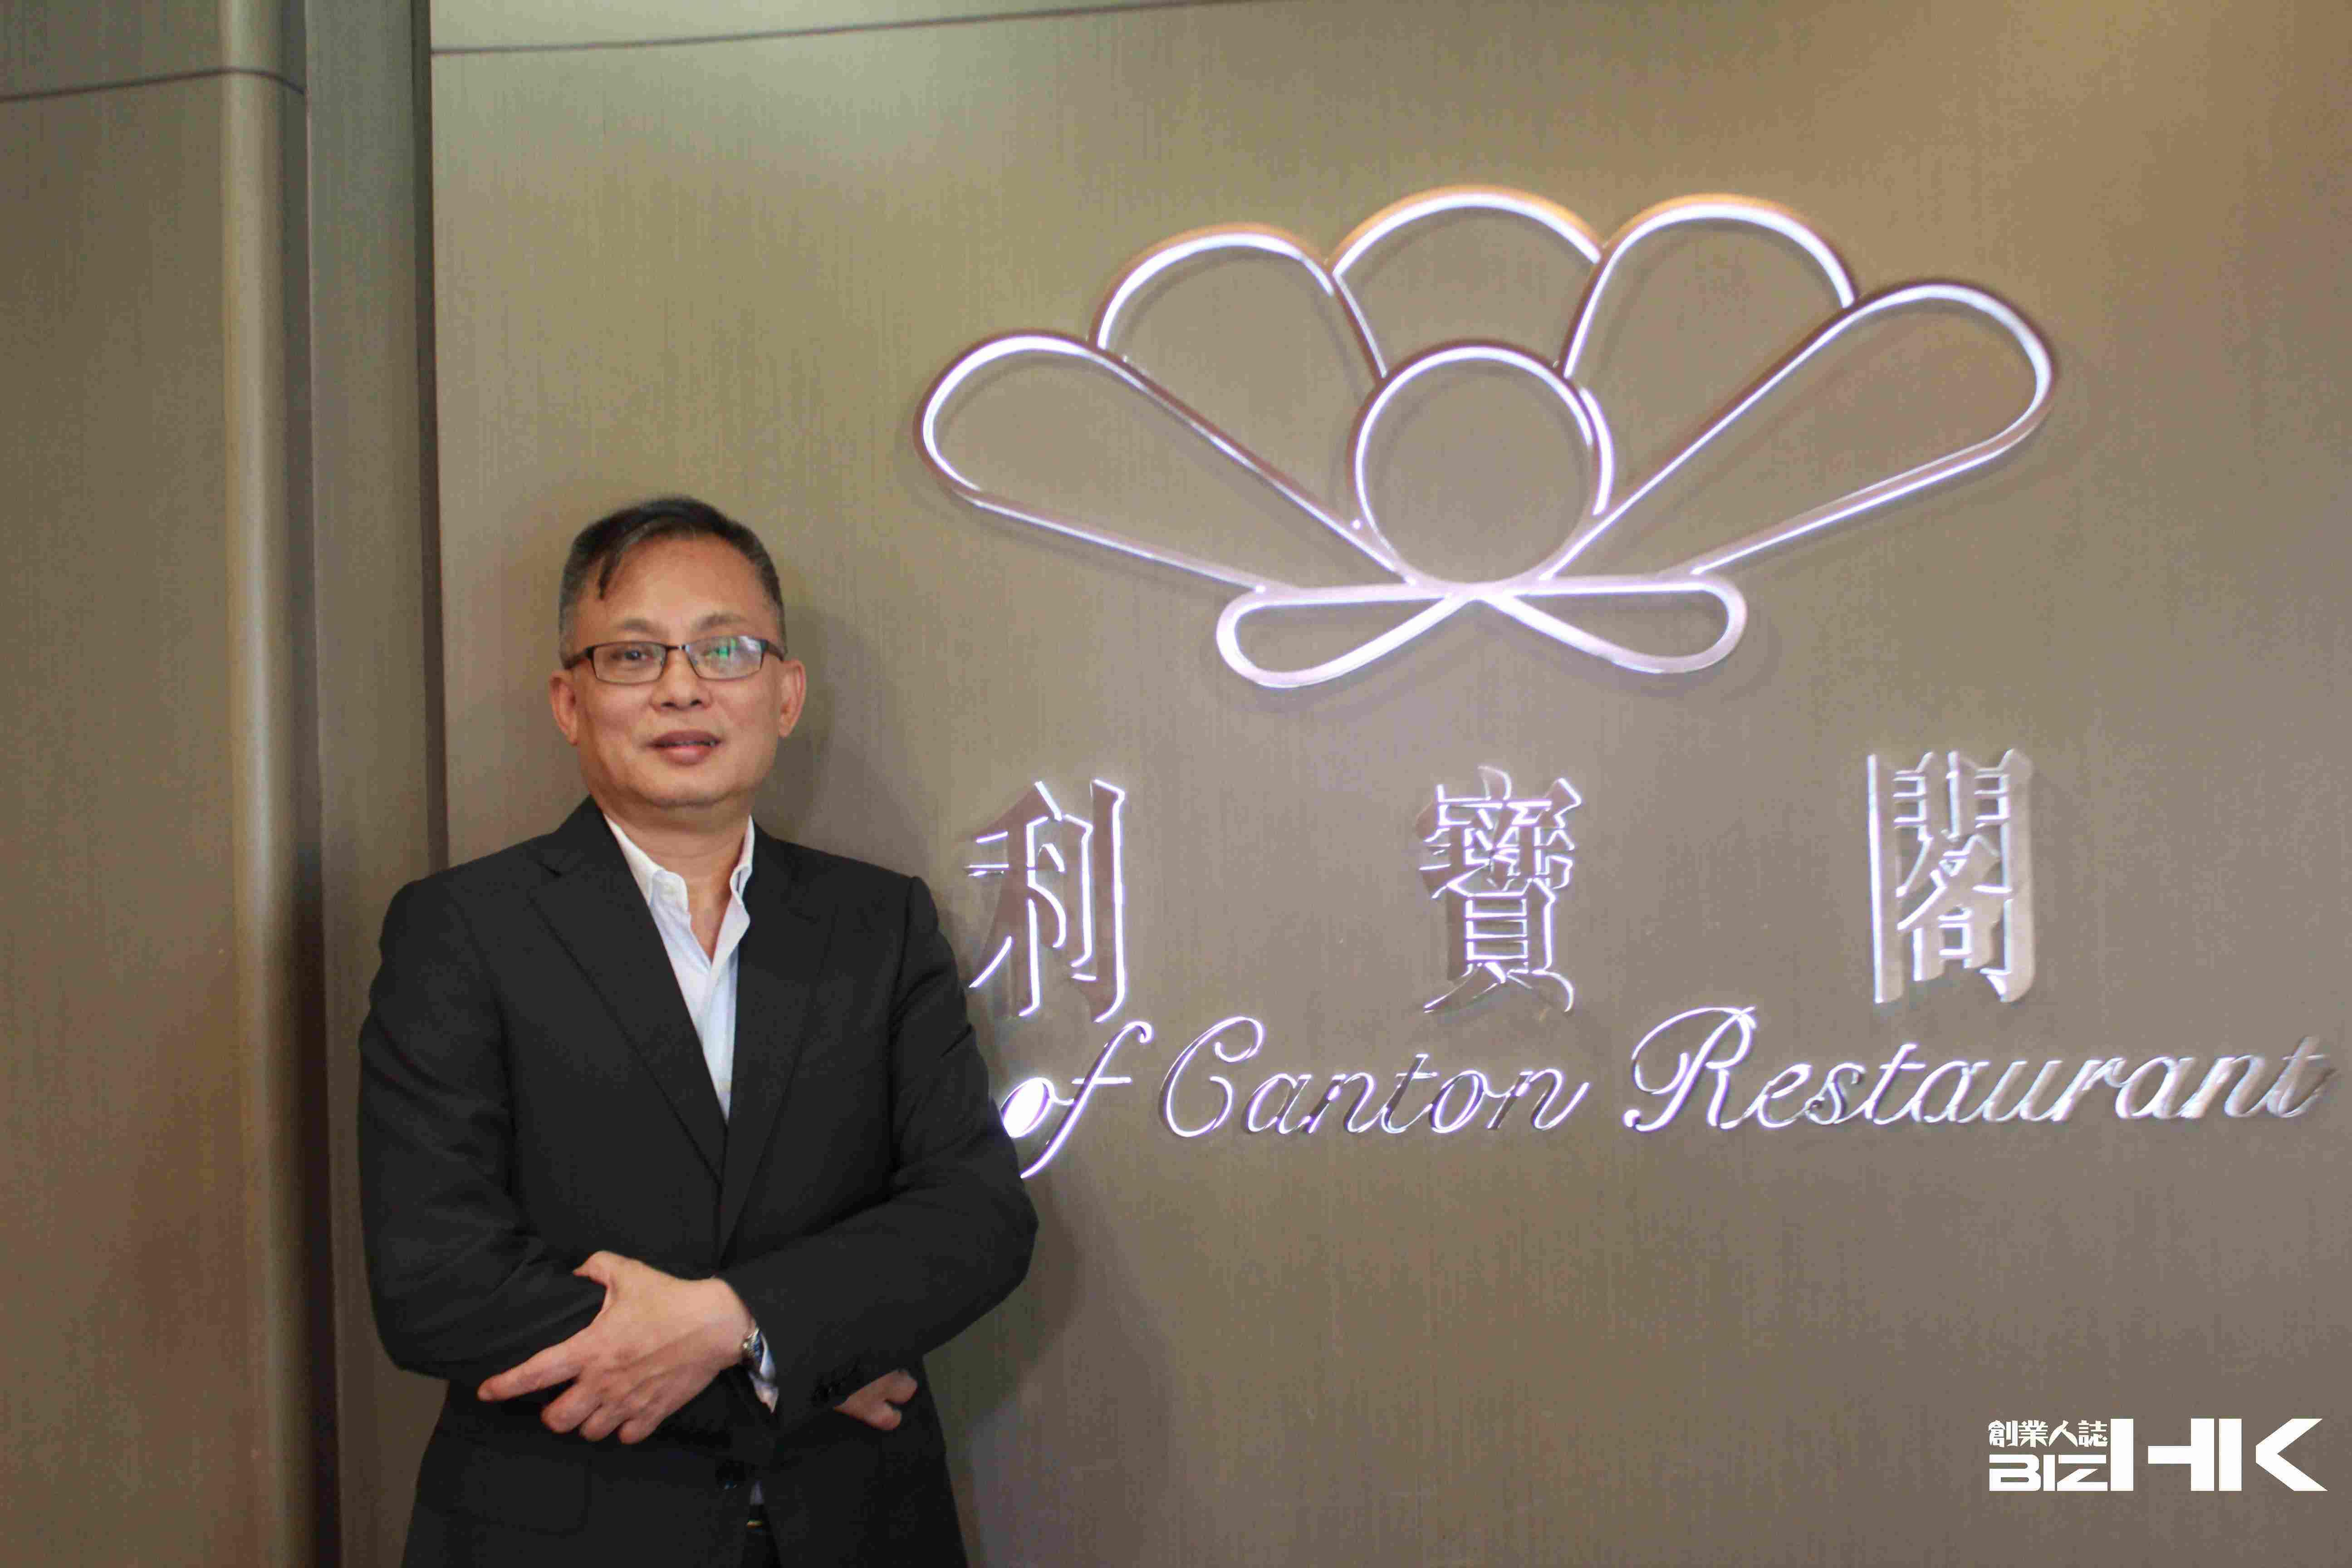 利寶閣陳振傑:市值25億飲食王國 | BizHK創業人誌